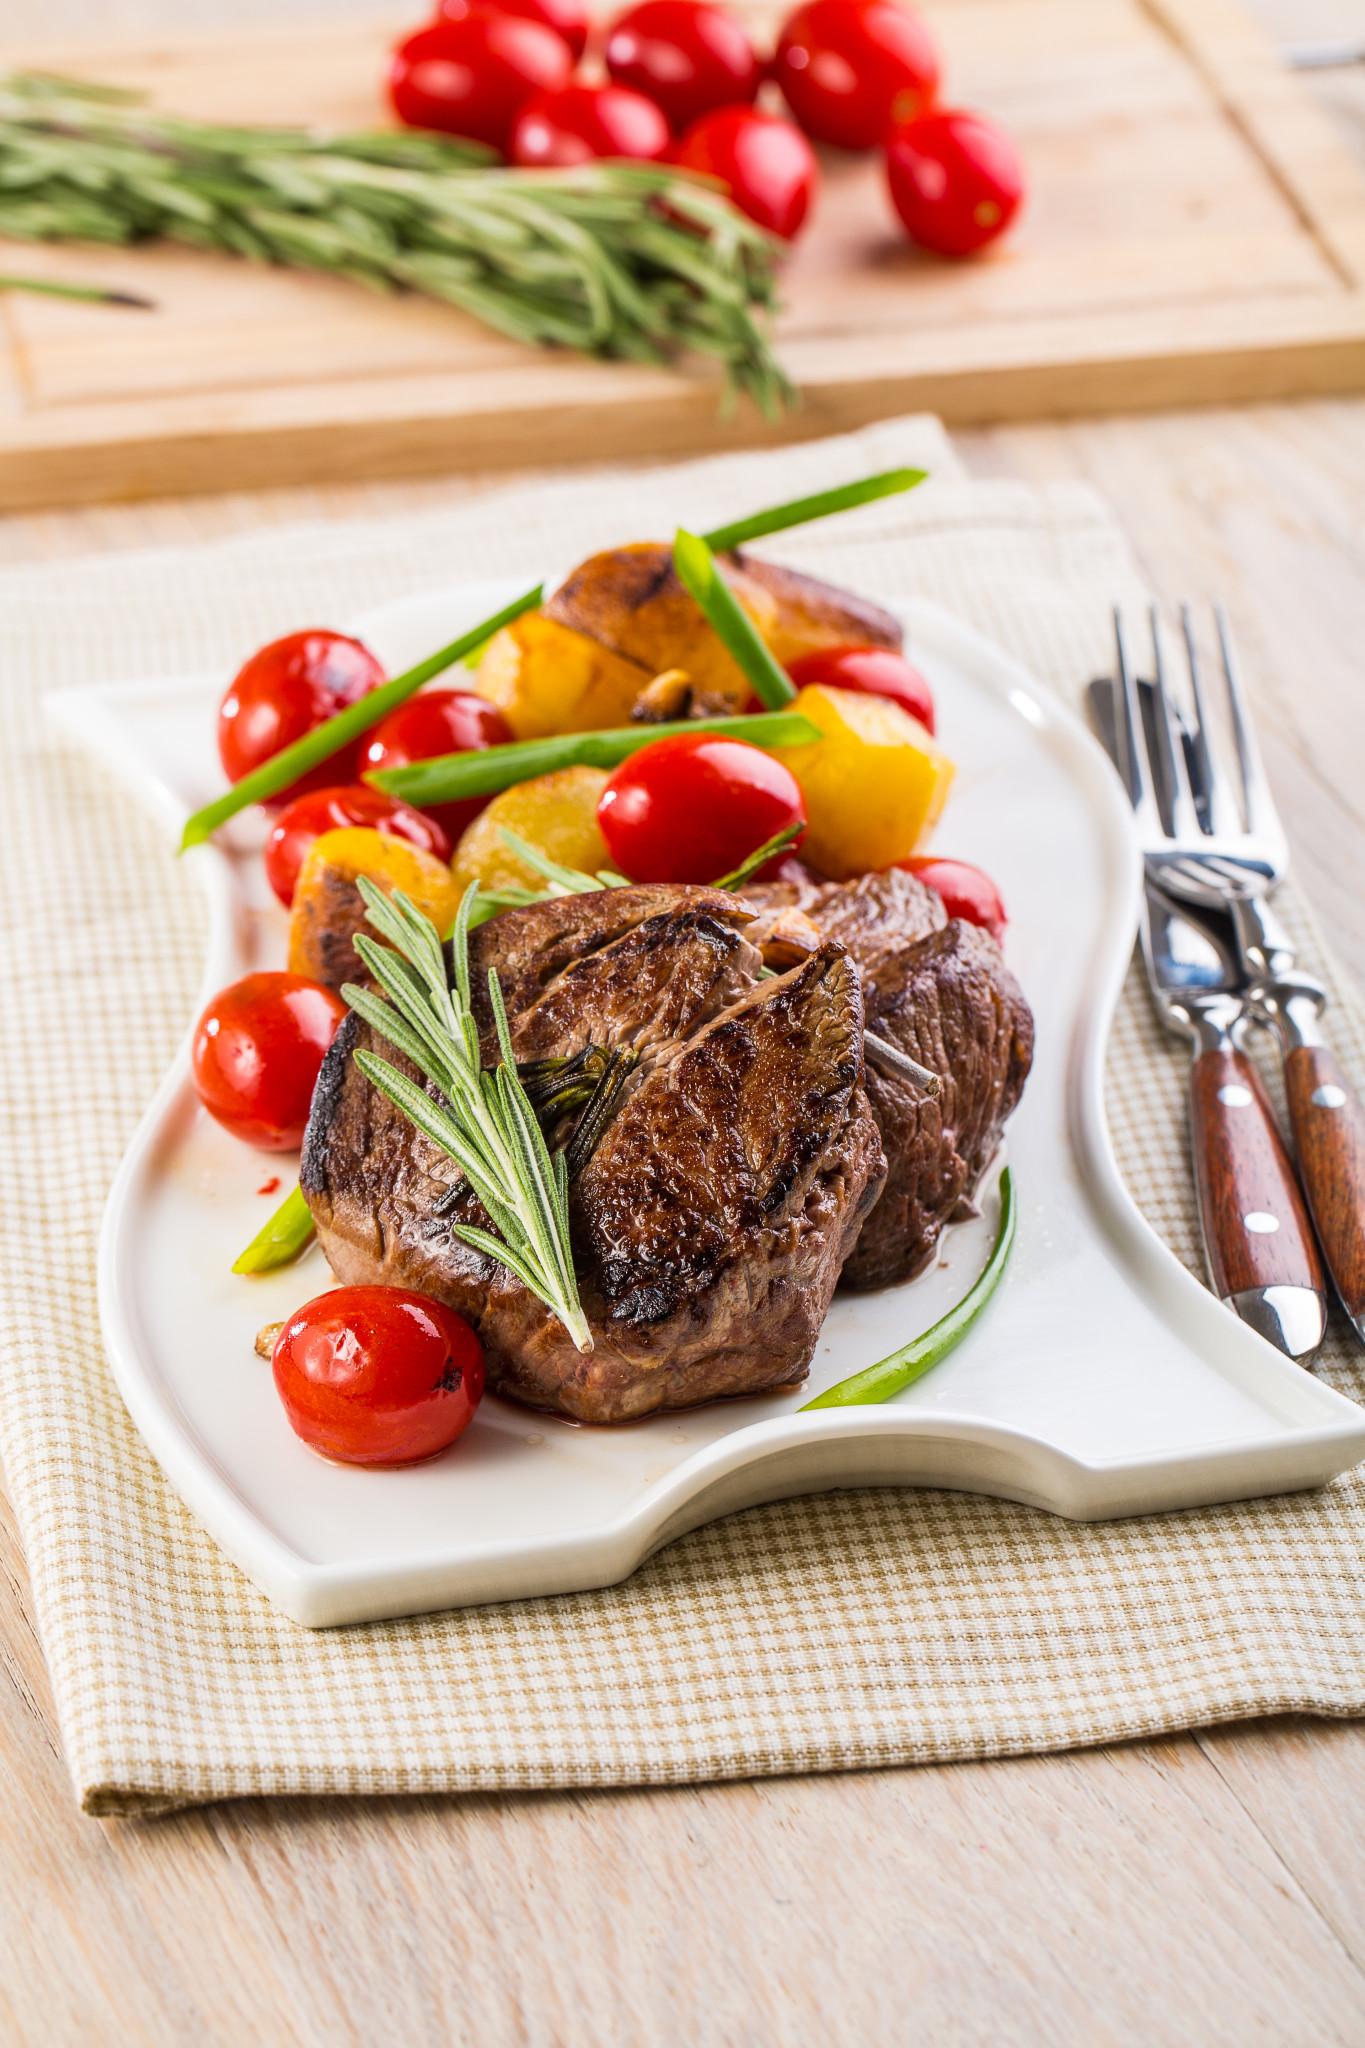 медальоны из мяса ресторанные рецепты с фото кошукова популярная